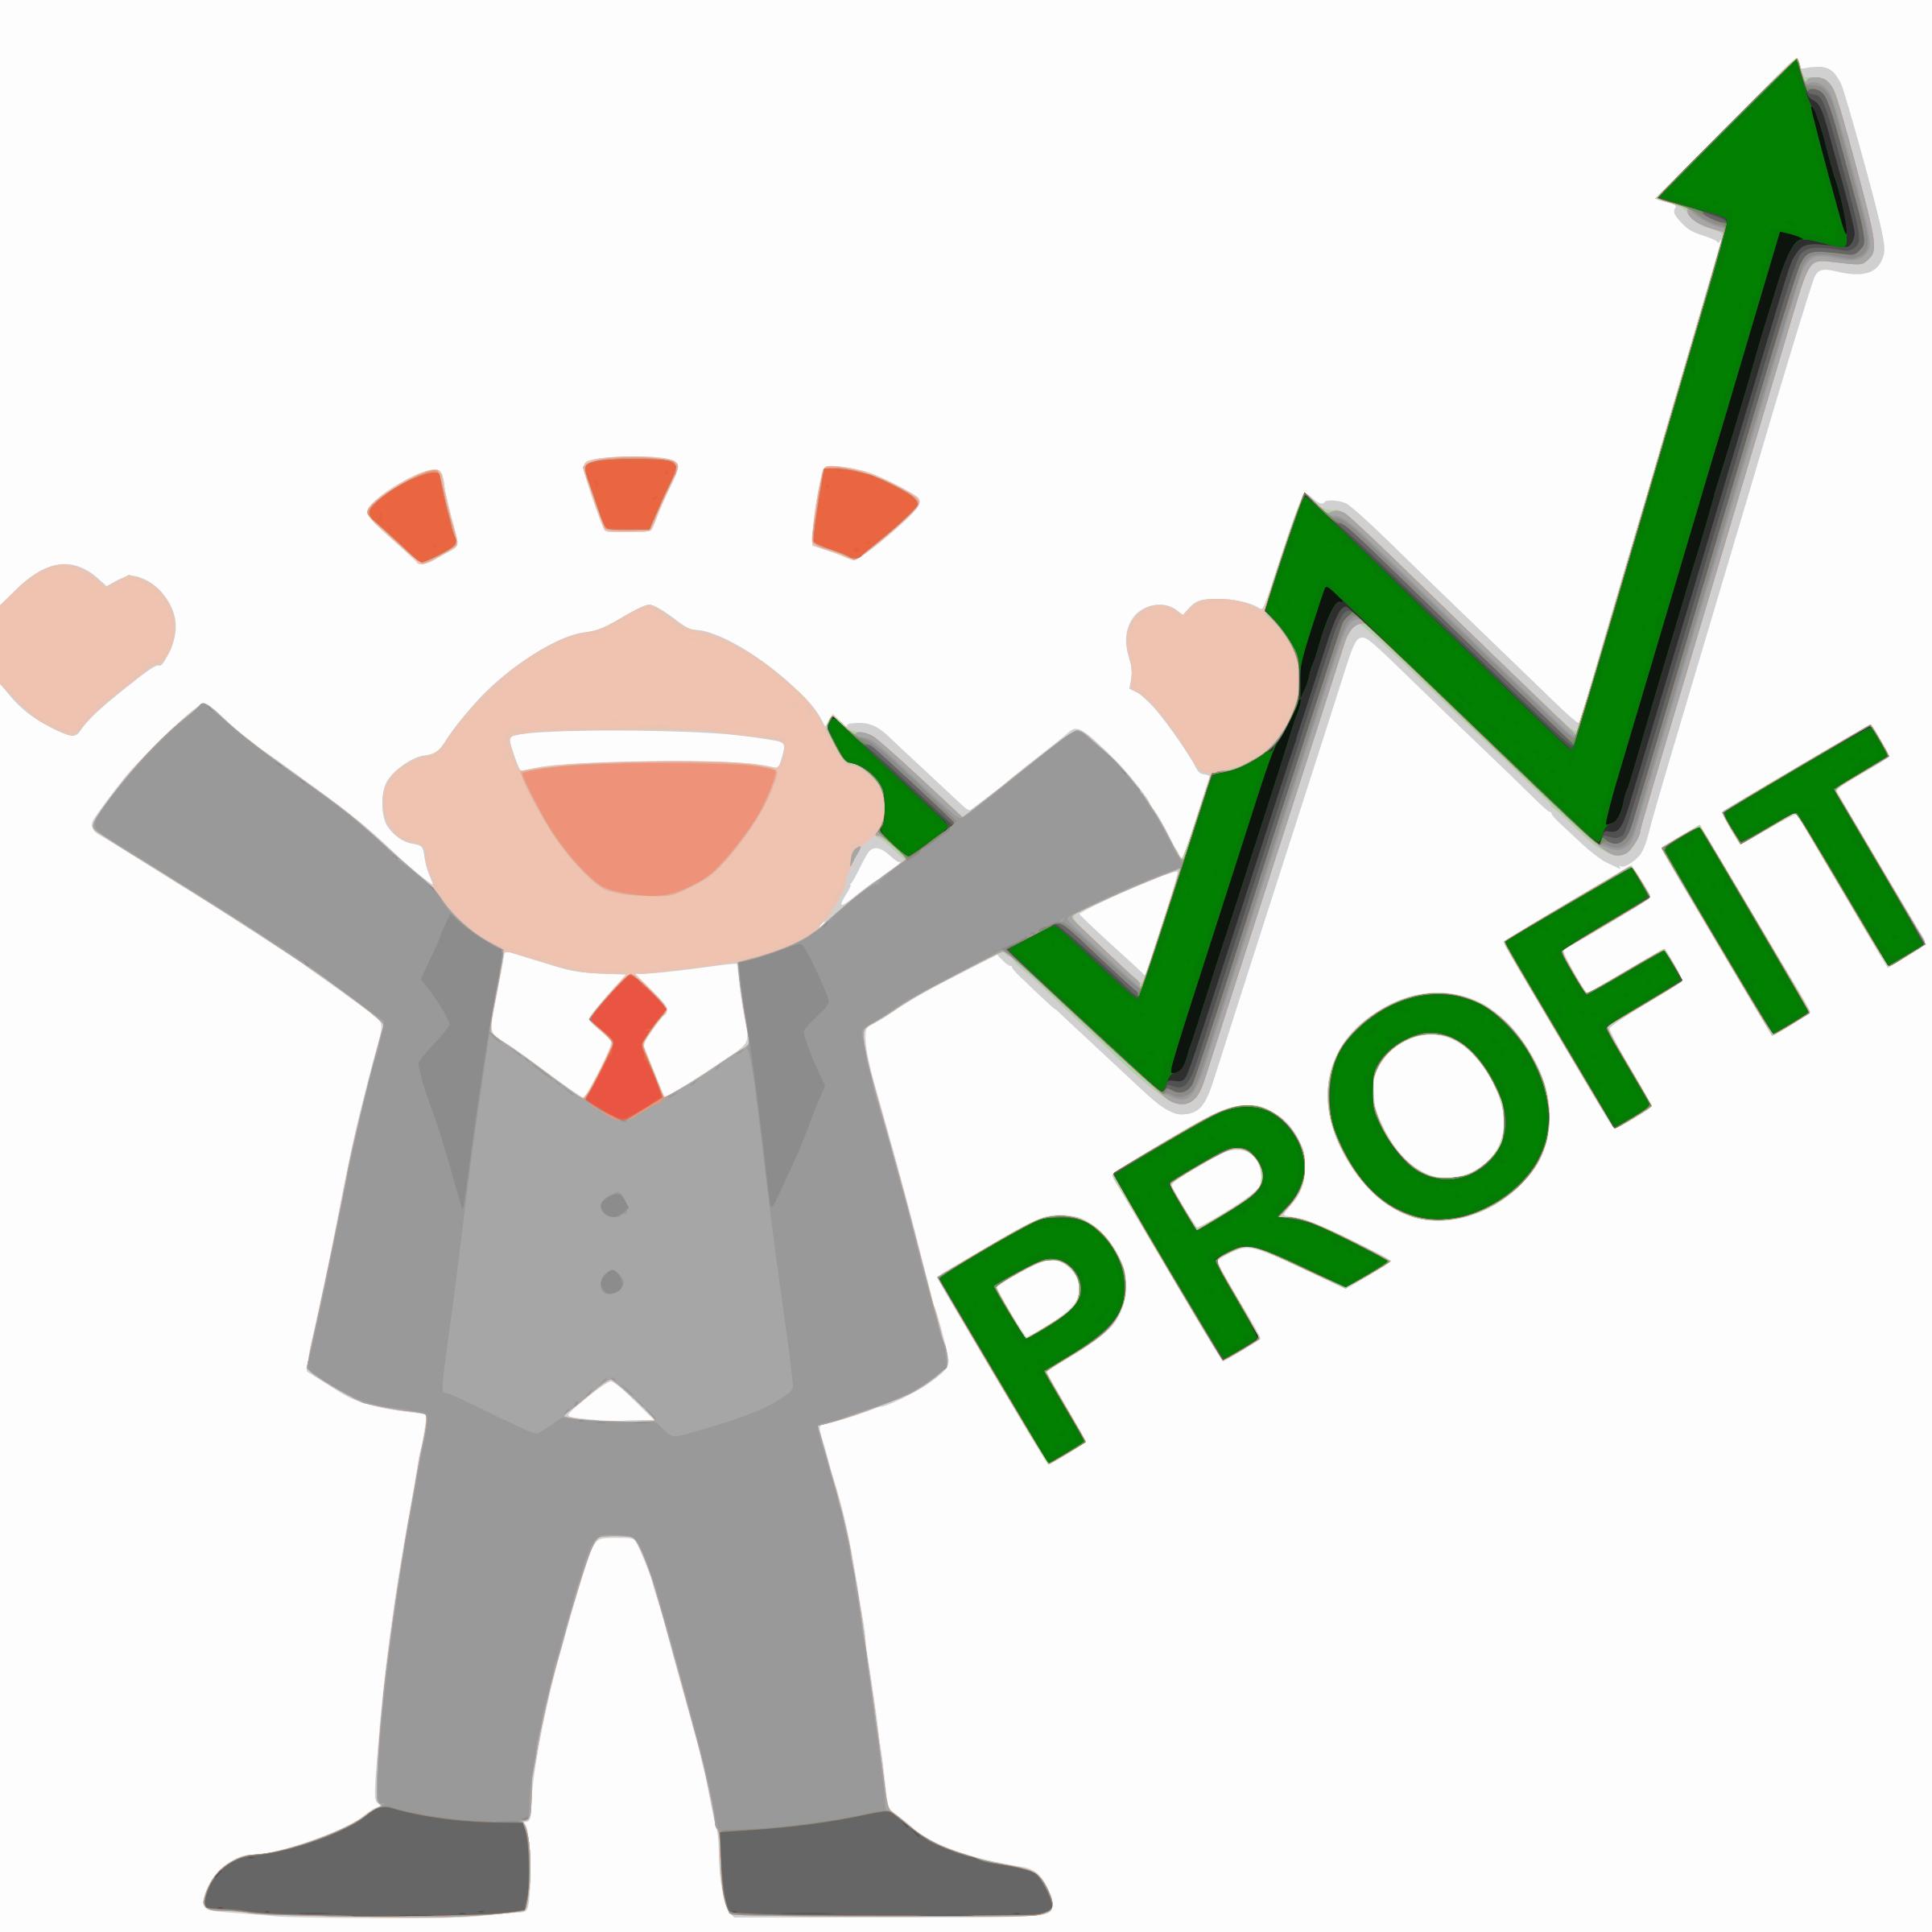 profit - No Profit PNG